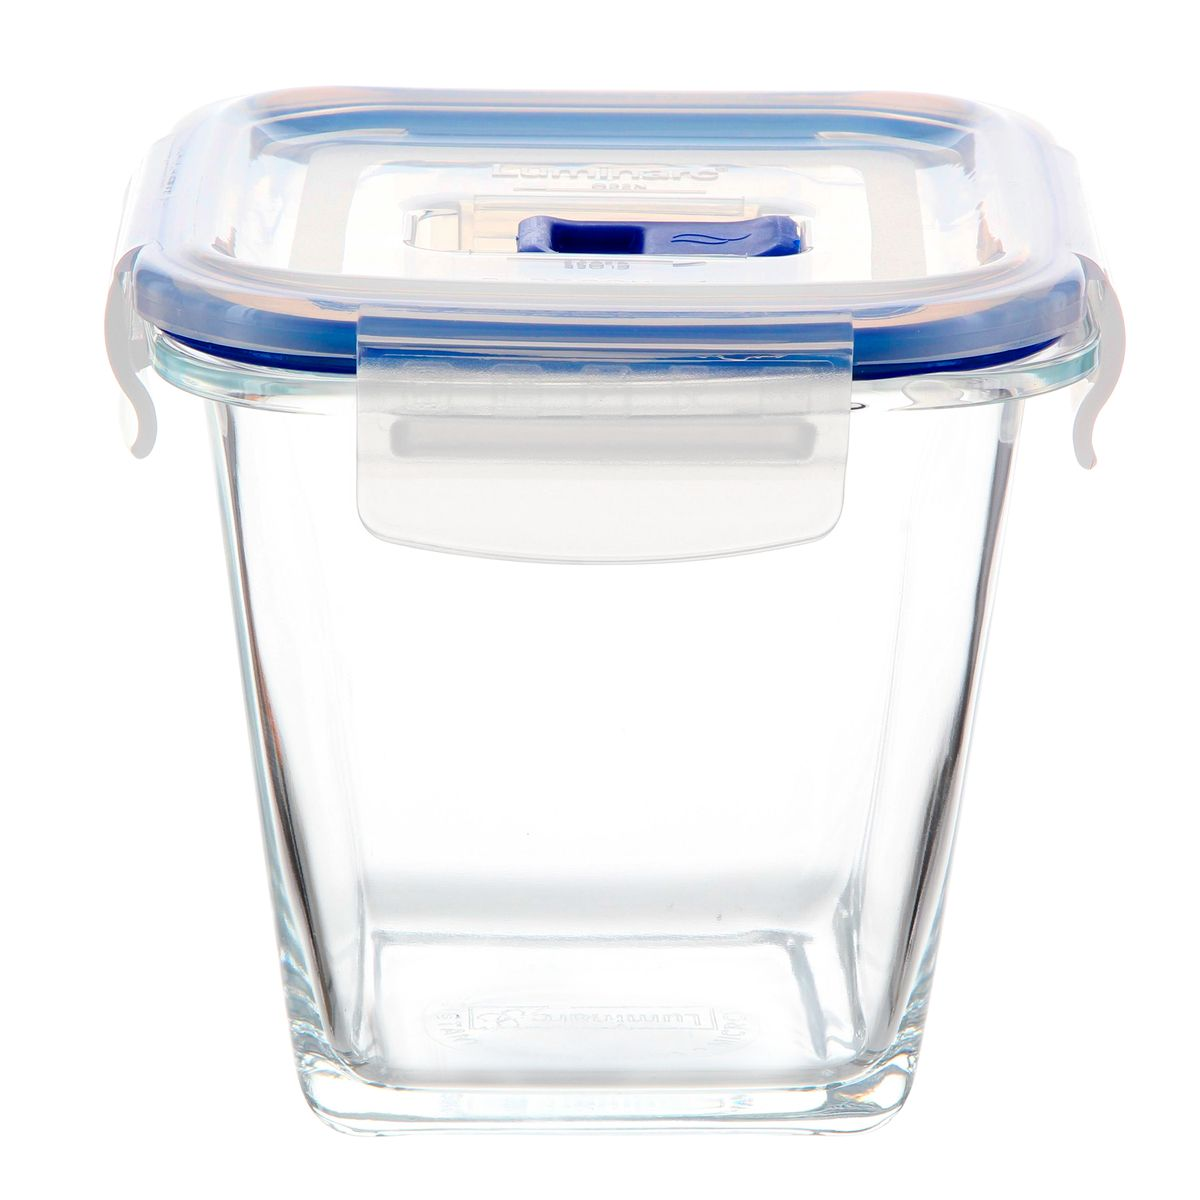 Boite hermétique Pure Box carrée en verre 75cl 12.2x11.8cm - Luminarc